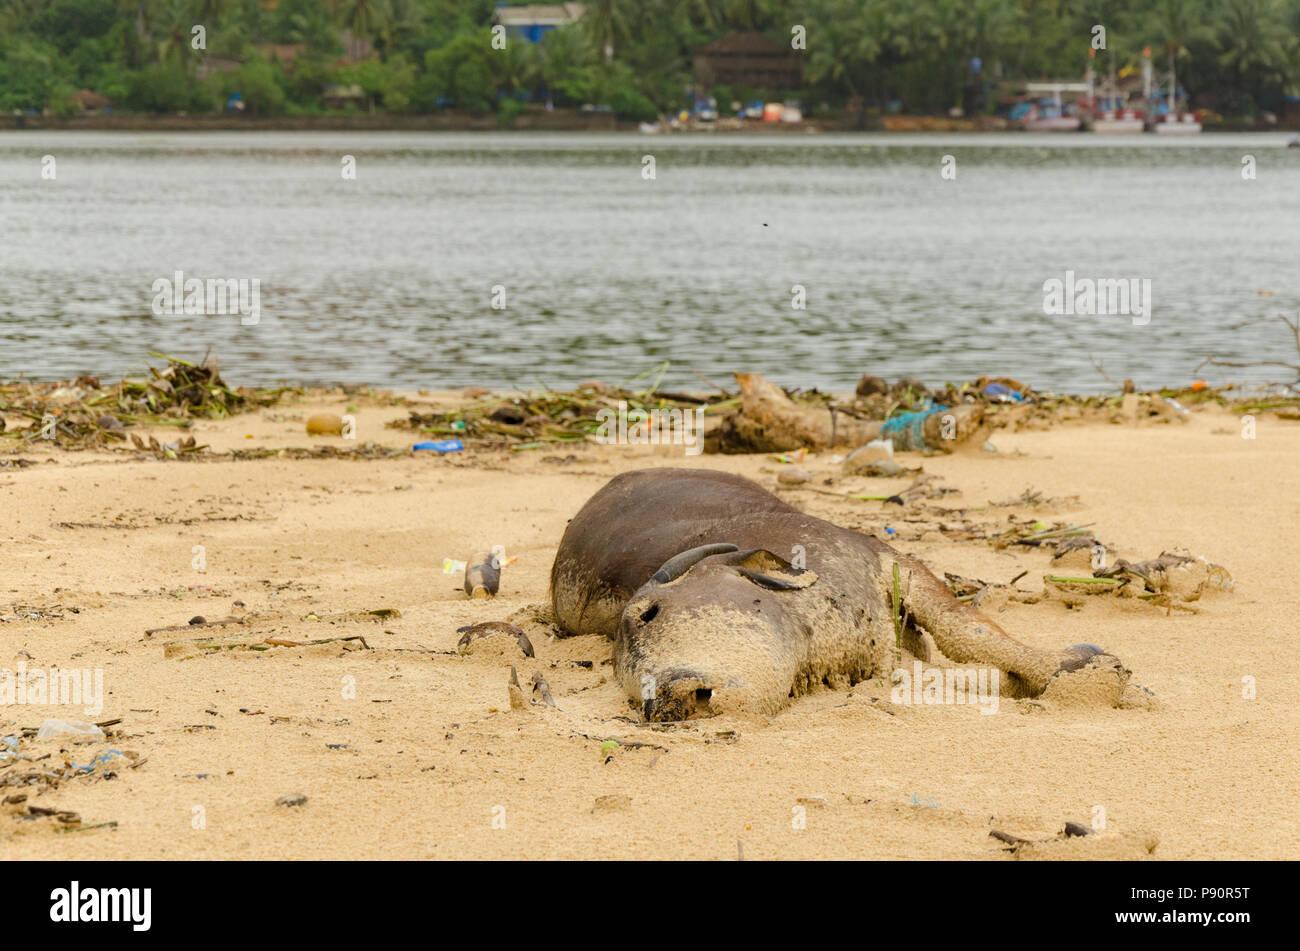 Dead cow carcass lying on Betul beach, Cavelossim, Goa, India - Stock Image